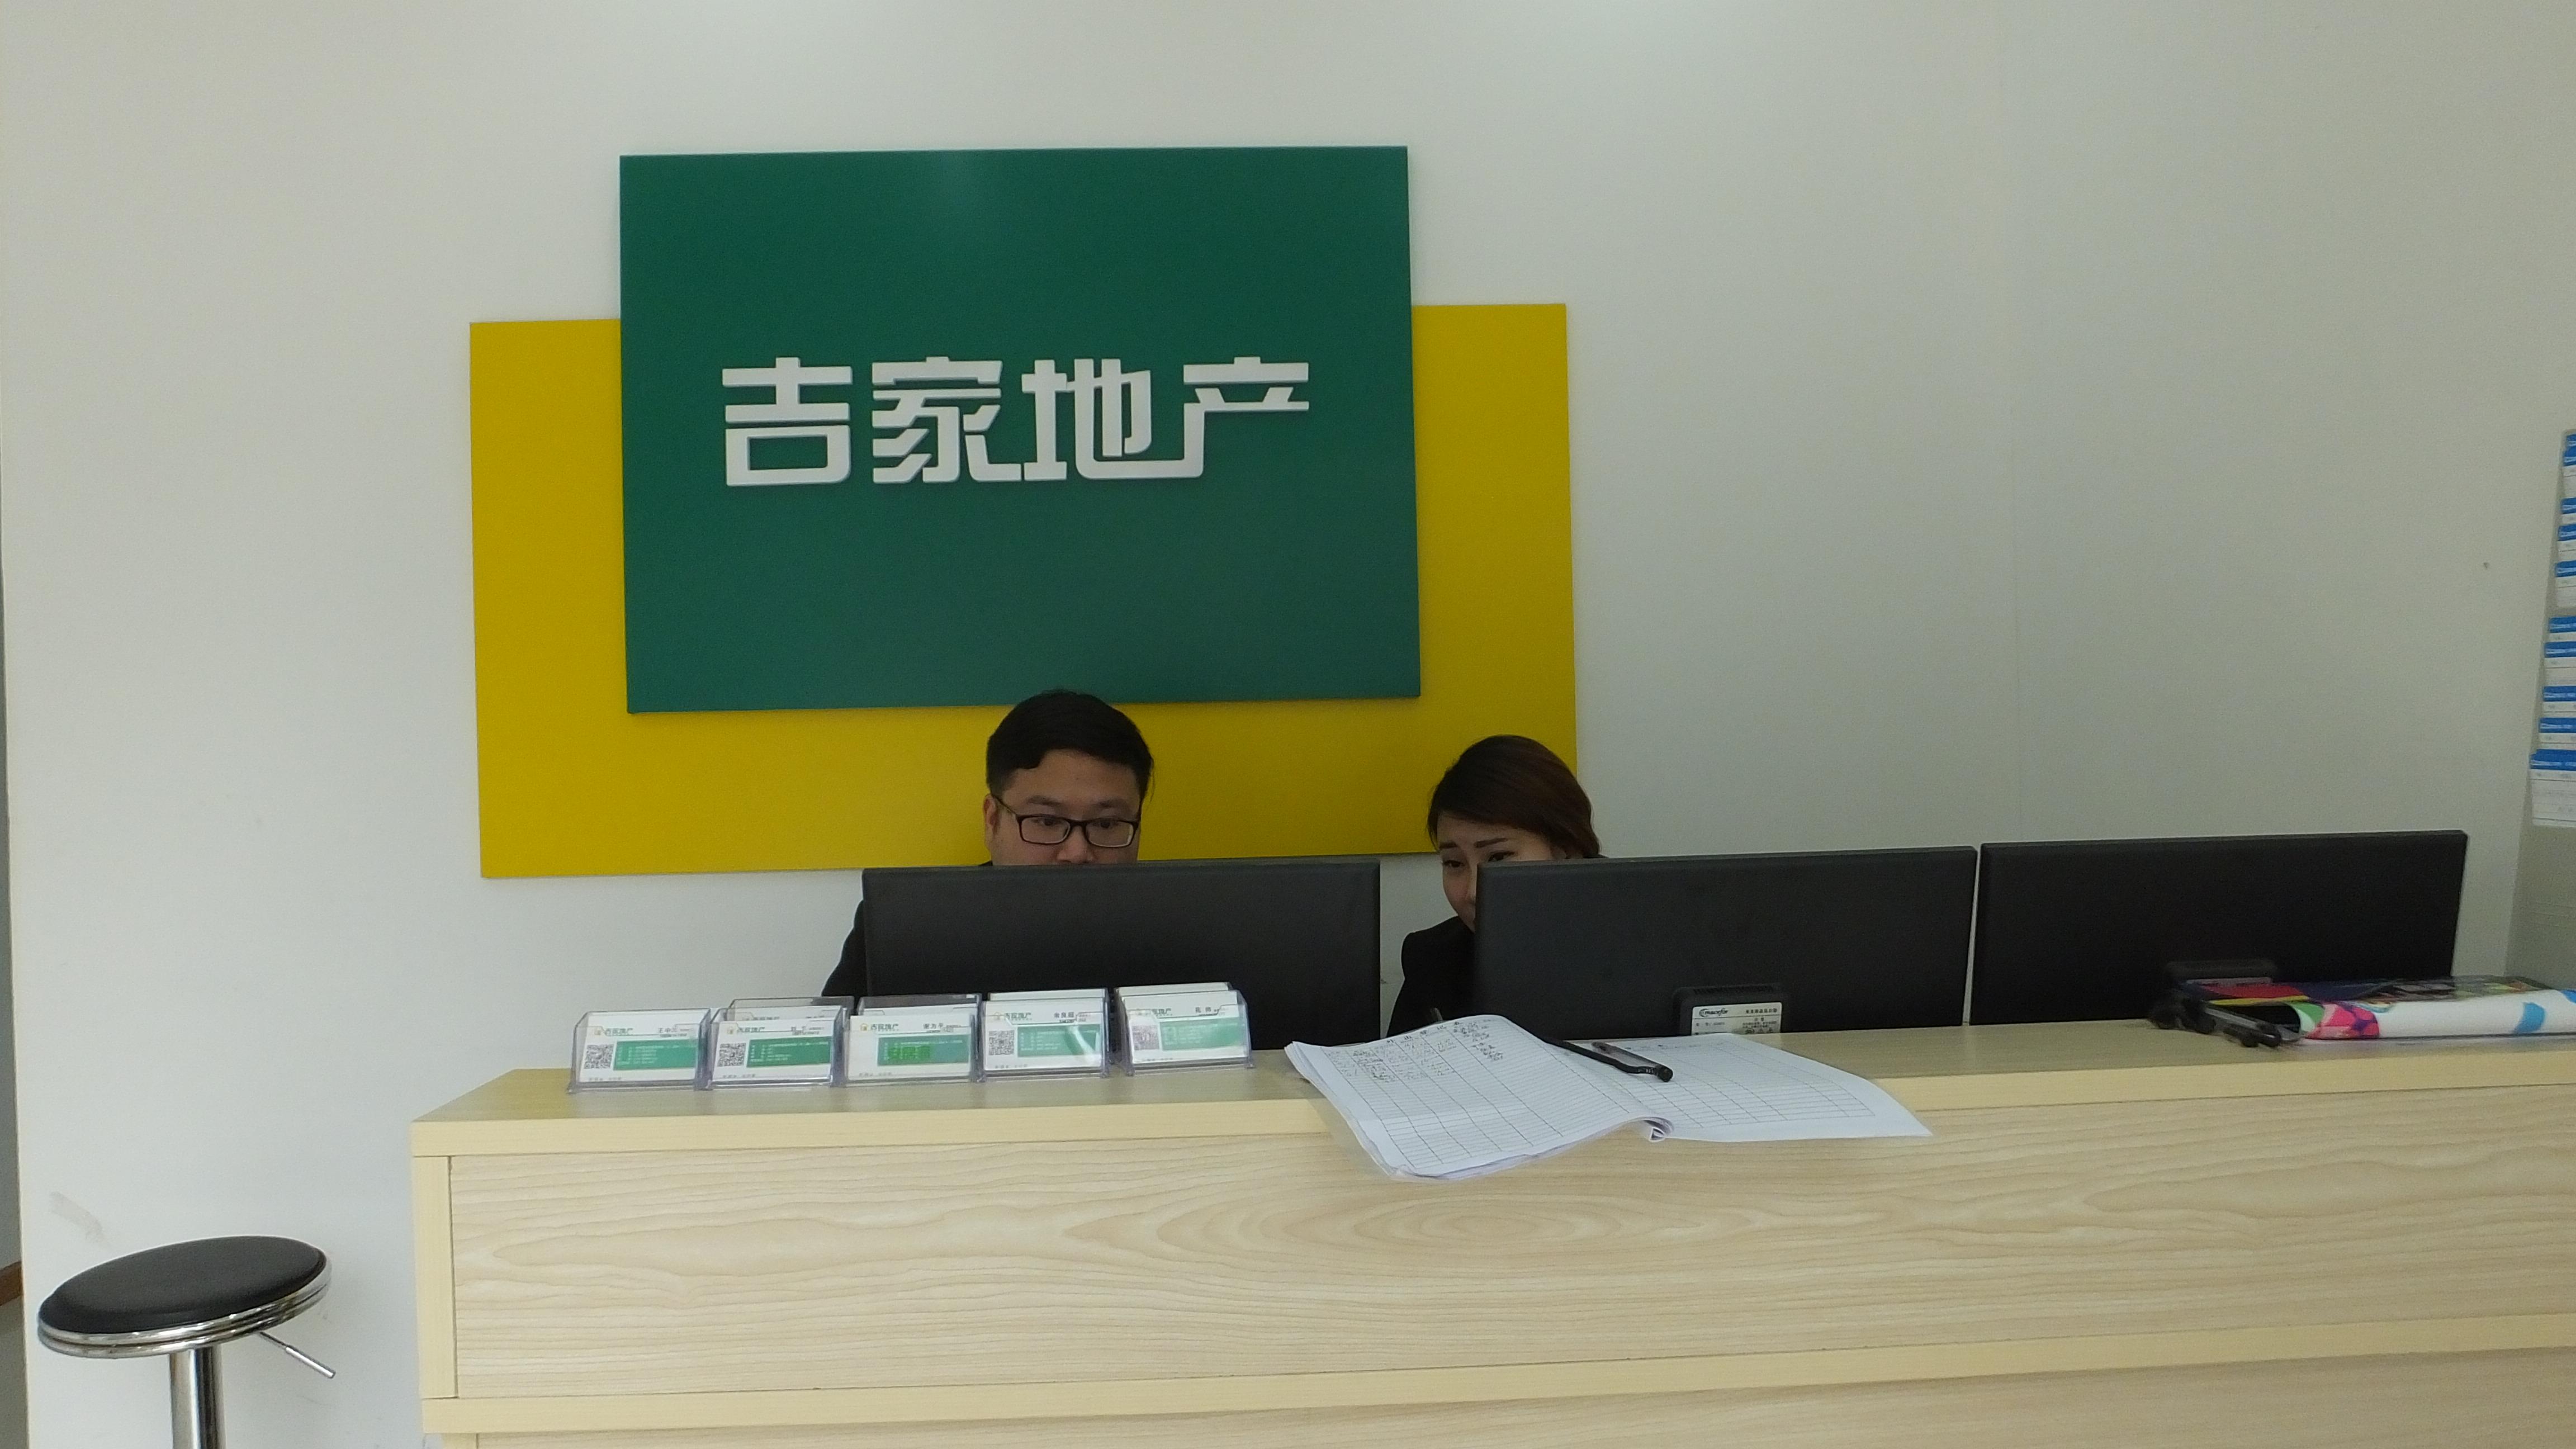 JJW-Real-Estate-in-China1.JPG